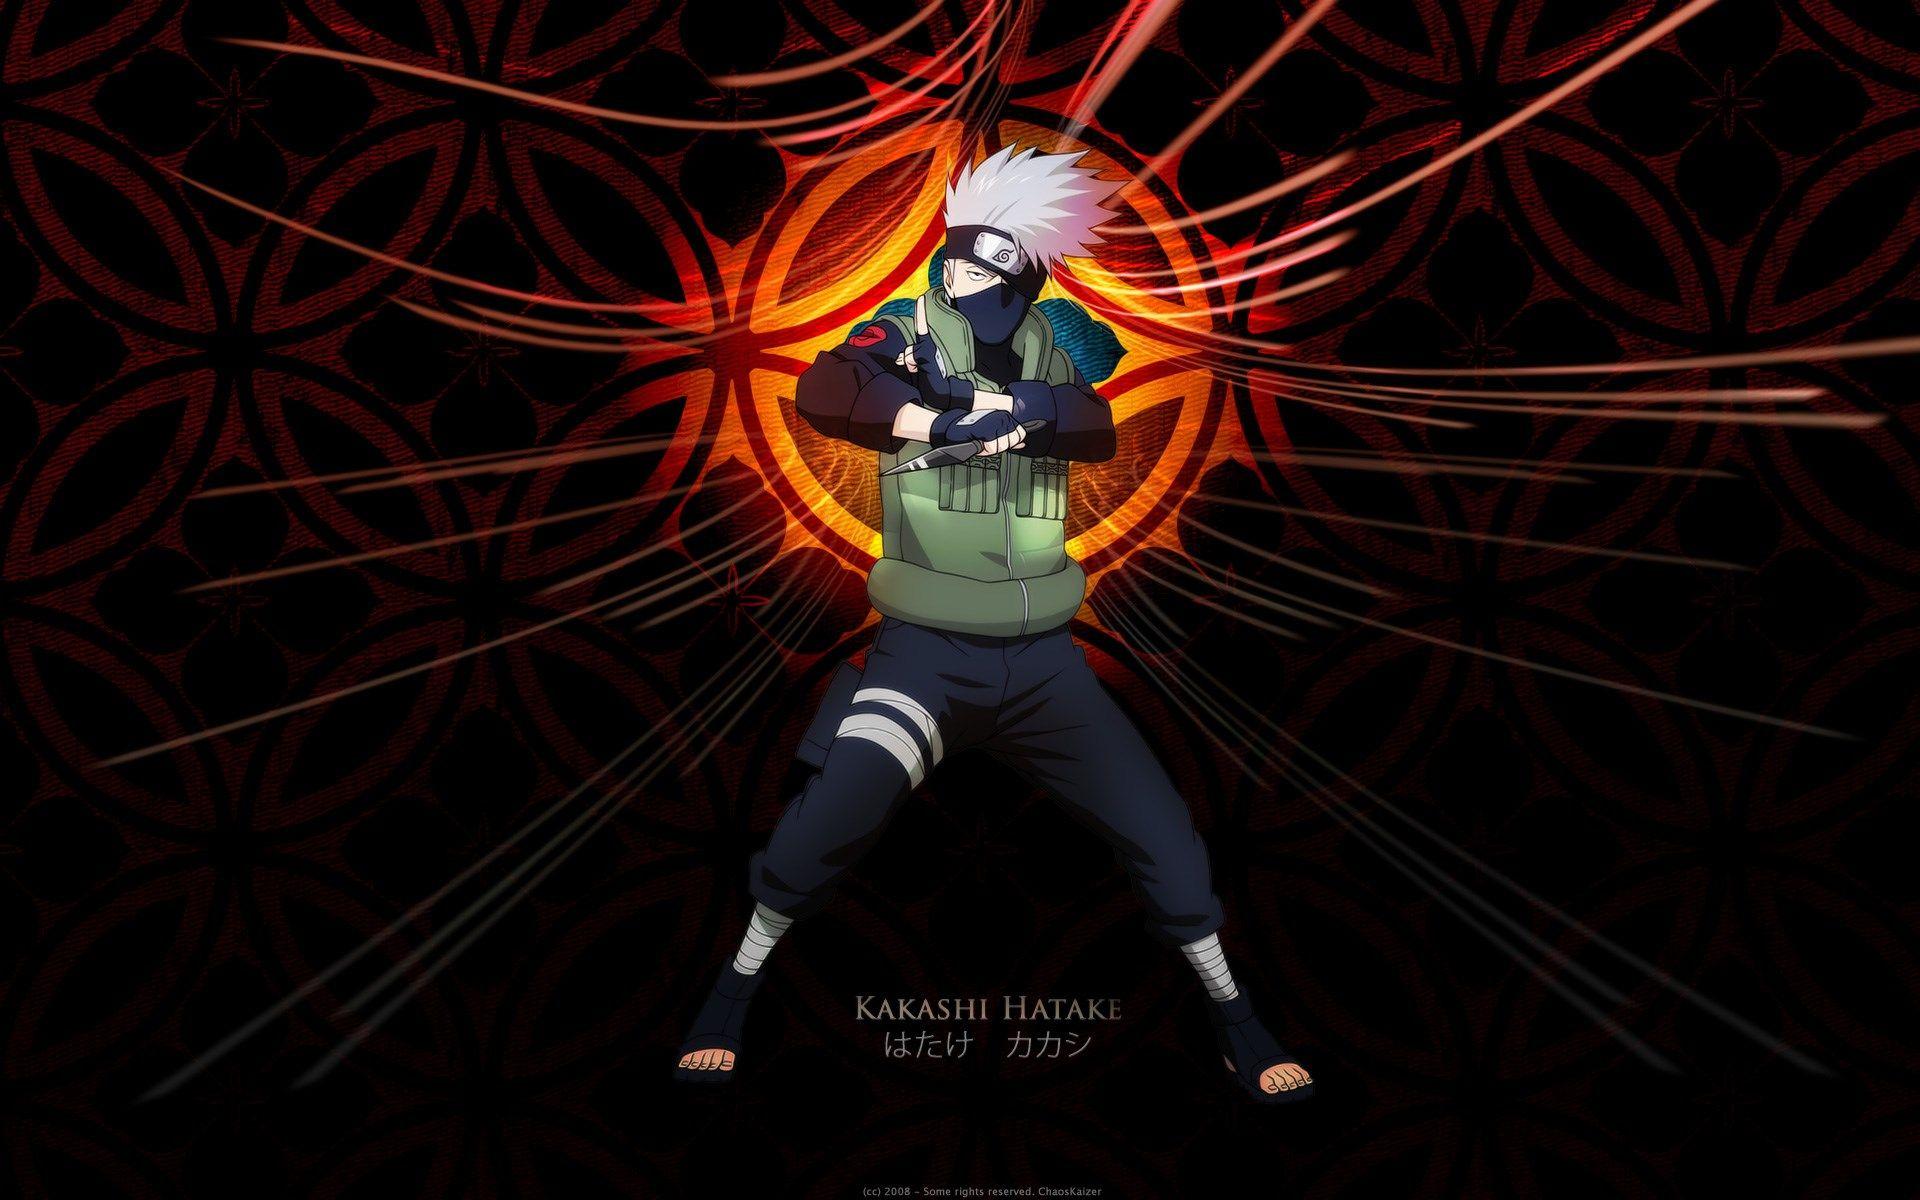 Kakashi sakura sasuke naruto wallpaper forwallpaper com html code - Kakashi Sakura Sasuke Naruto Wallpaper Forwallpaper Com Html Code 37